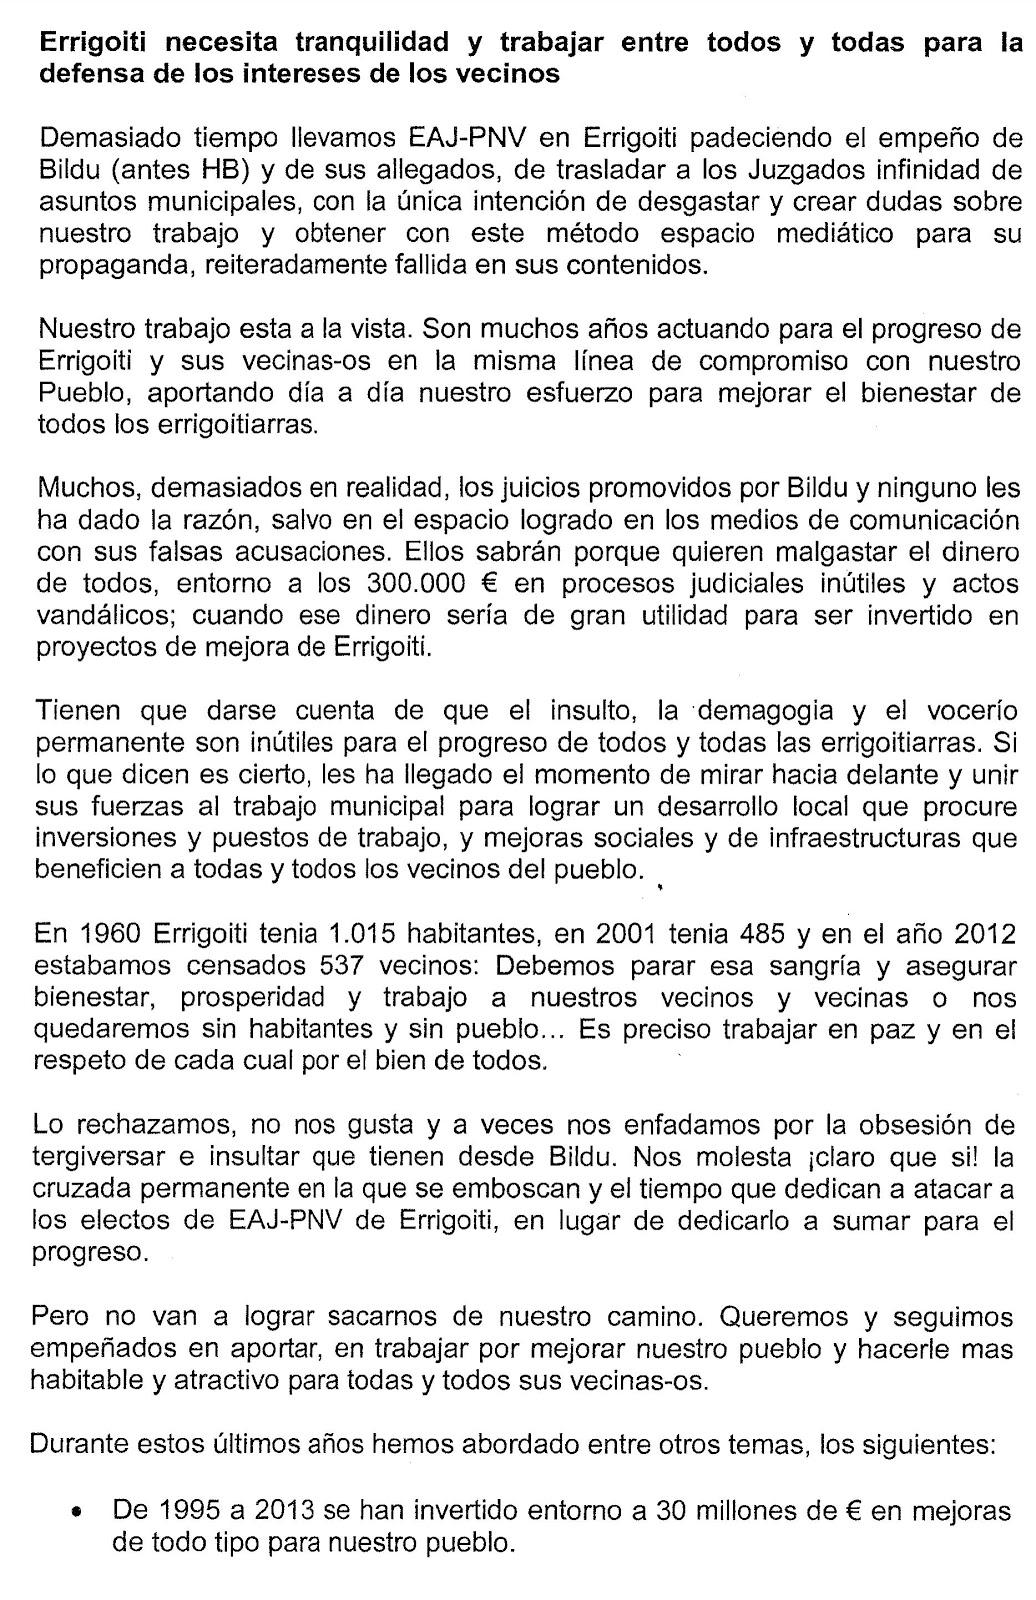 Cartas De Perdon Para Inmigracion Ejemplo